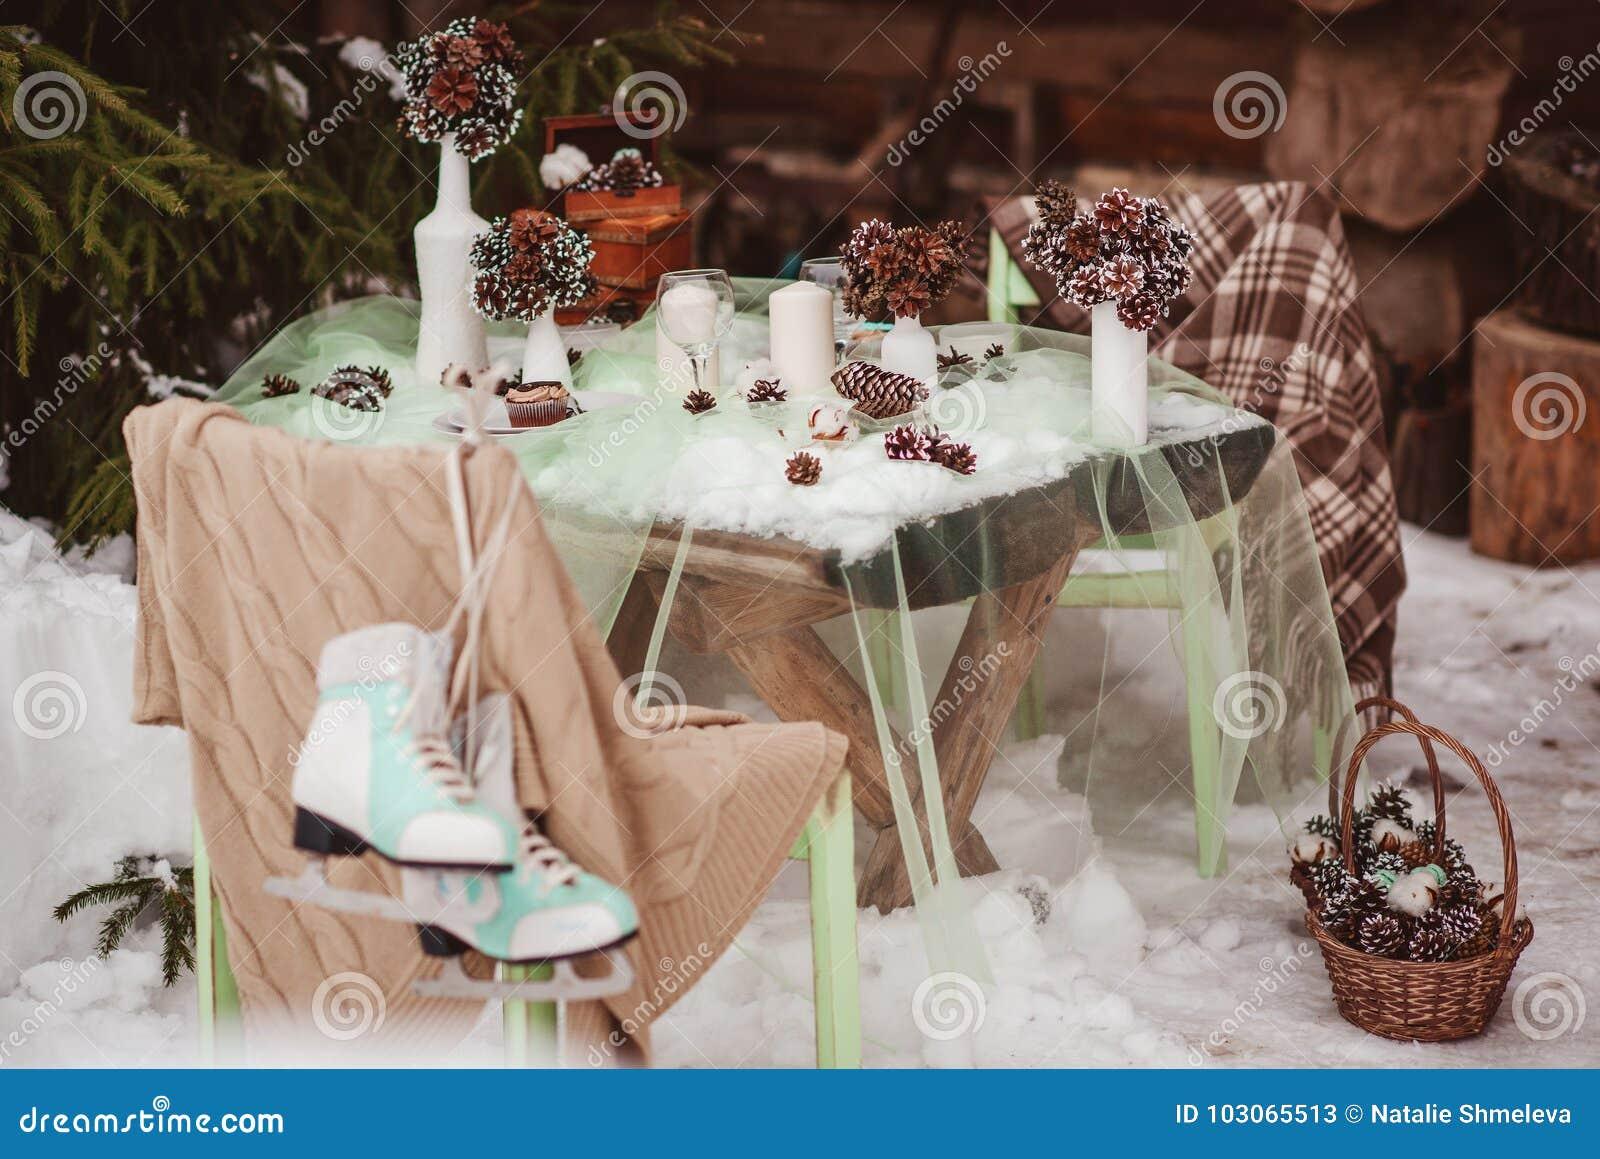 Πίνακας χειμερινού γάμου